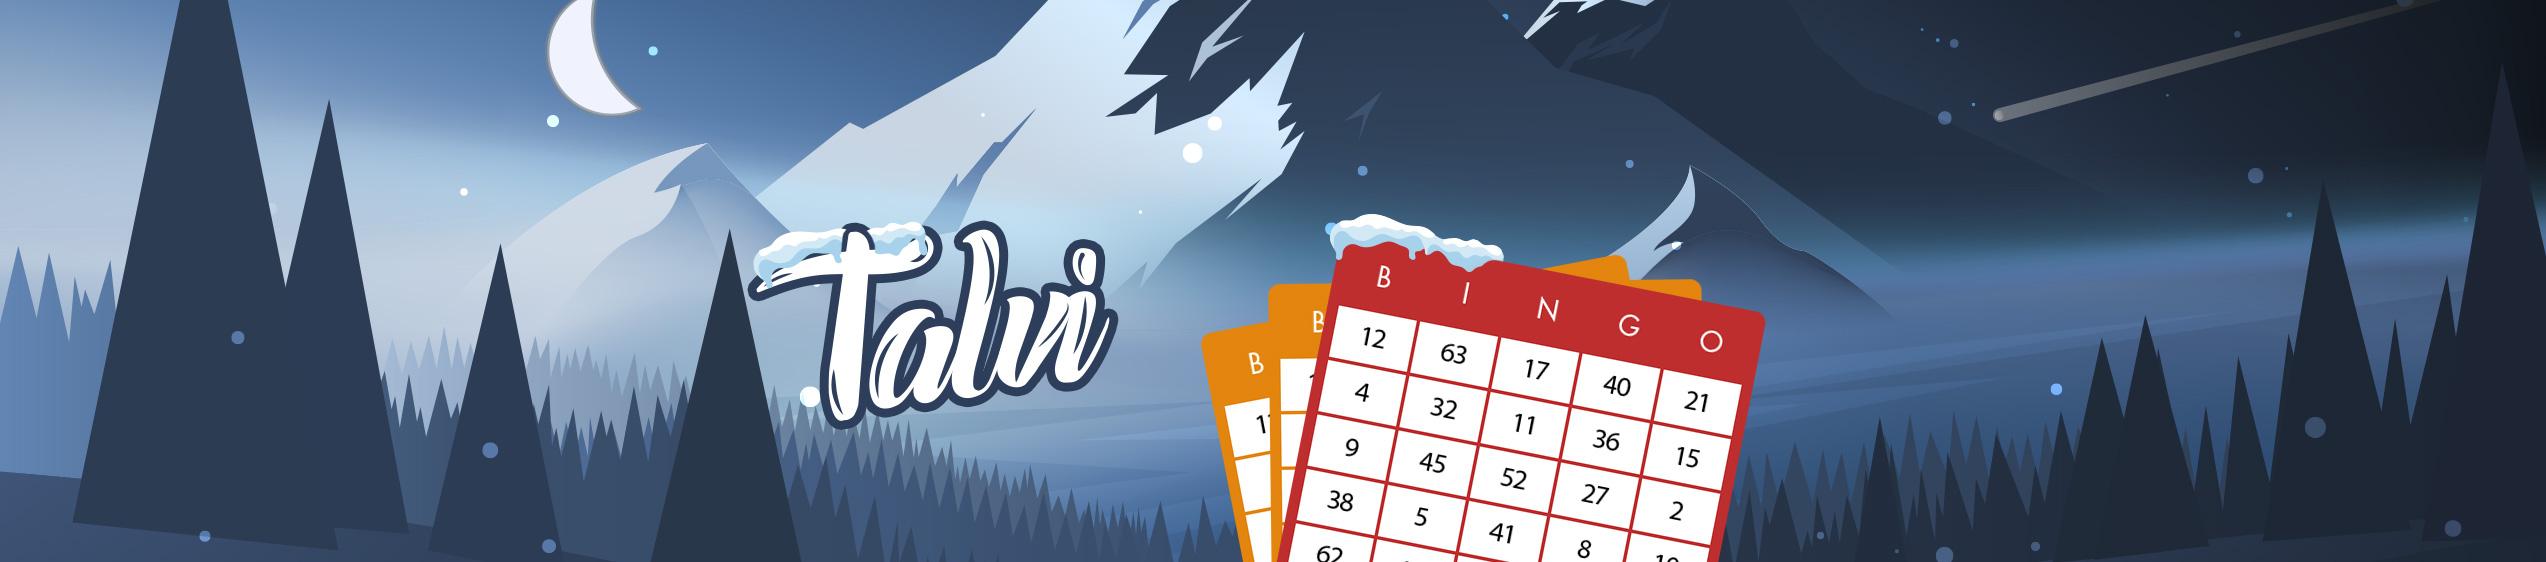 Pelaa talvi bingoa Bertilillä!